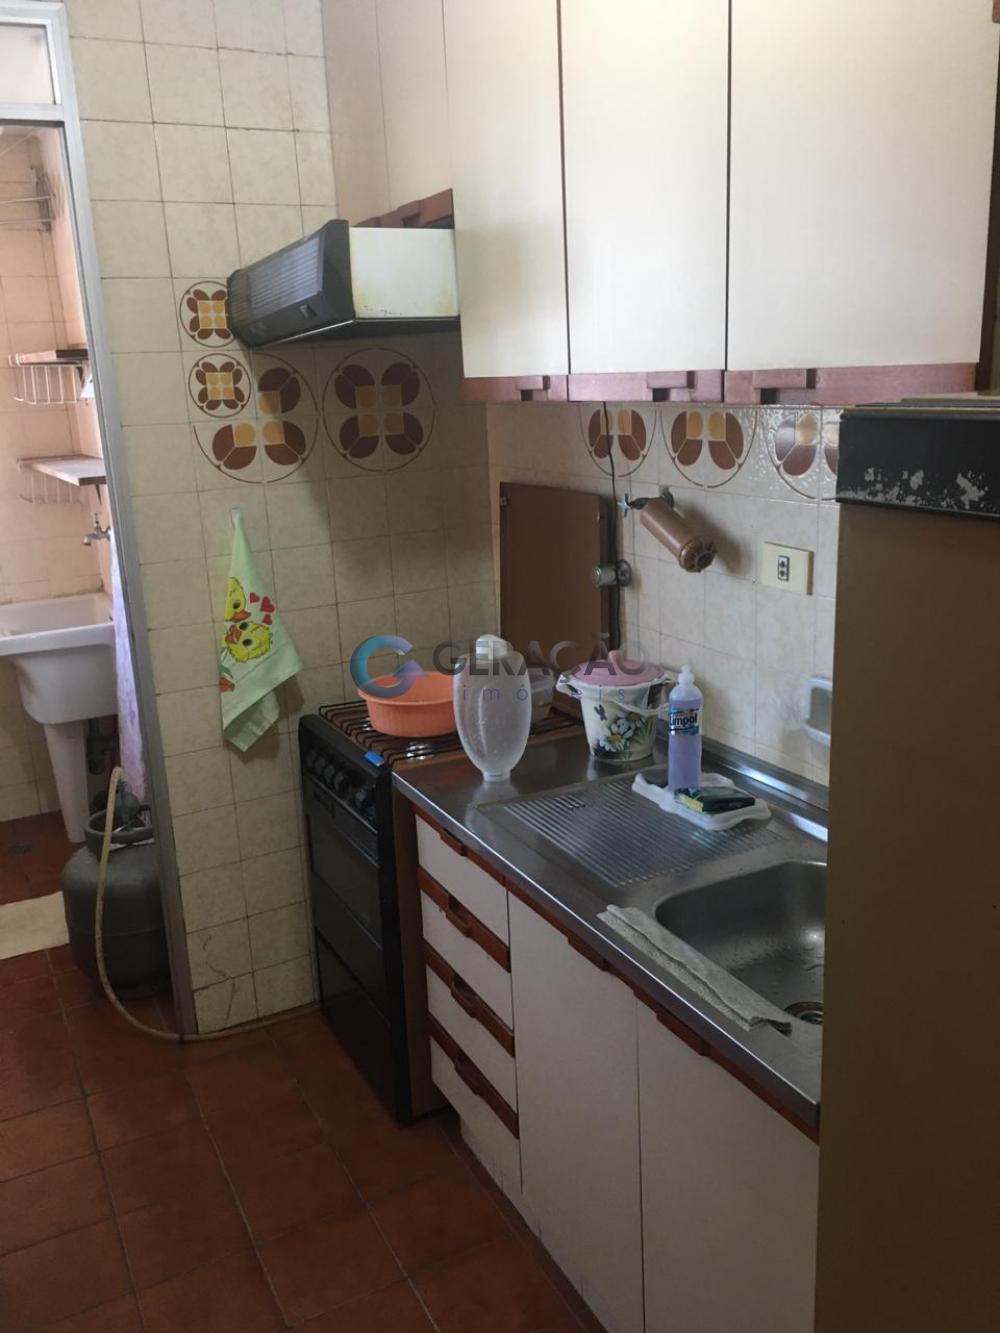 Comprar Apartamento / Padrão em São José dos Campos R$ 190.000,00 - Foto 4